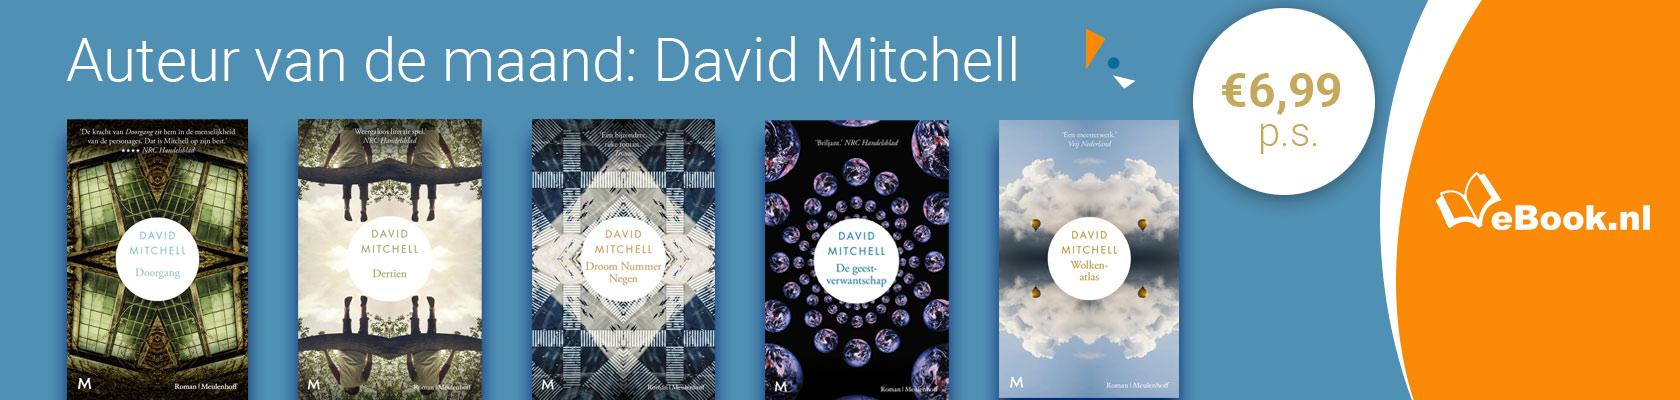 Auteur van de maand: David Mitchell